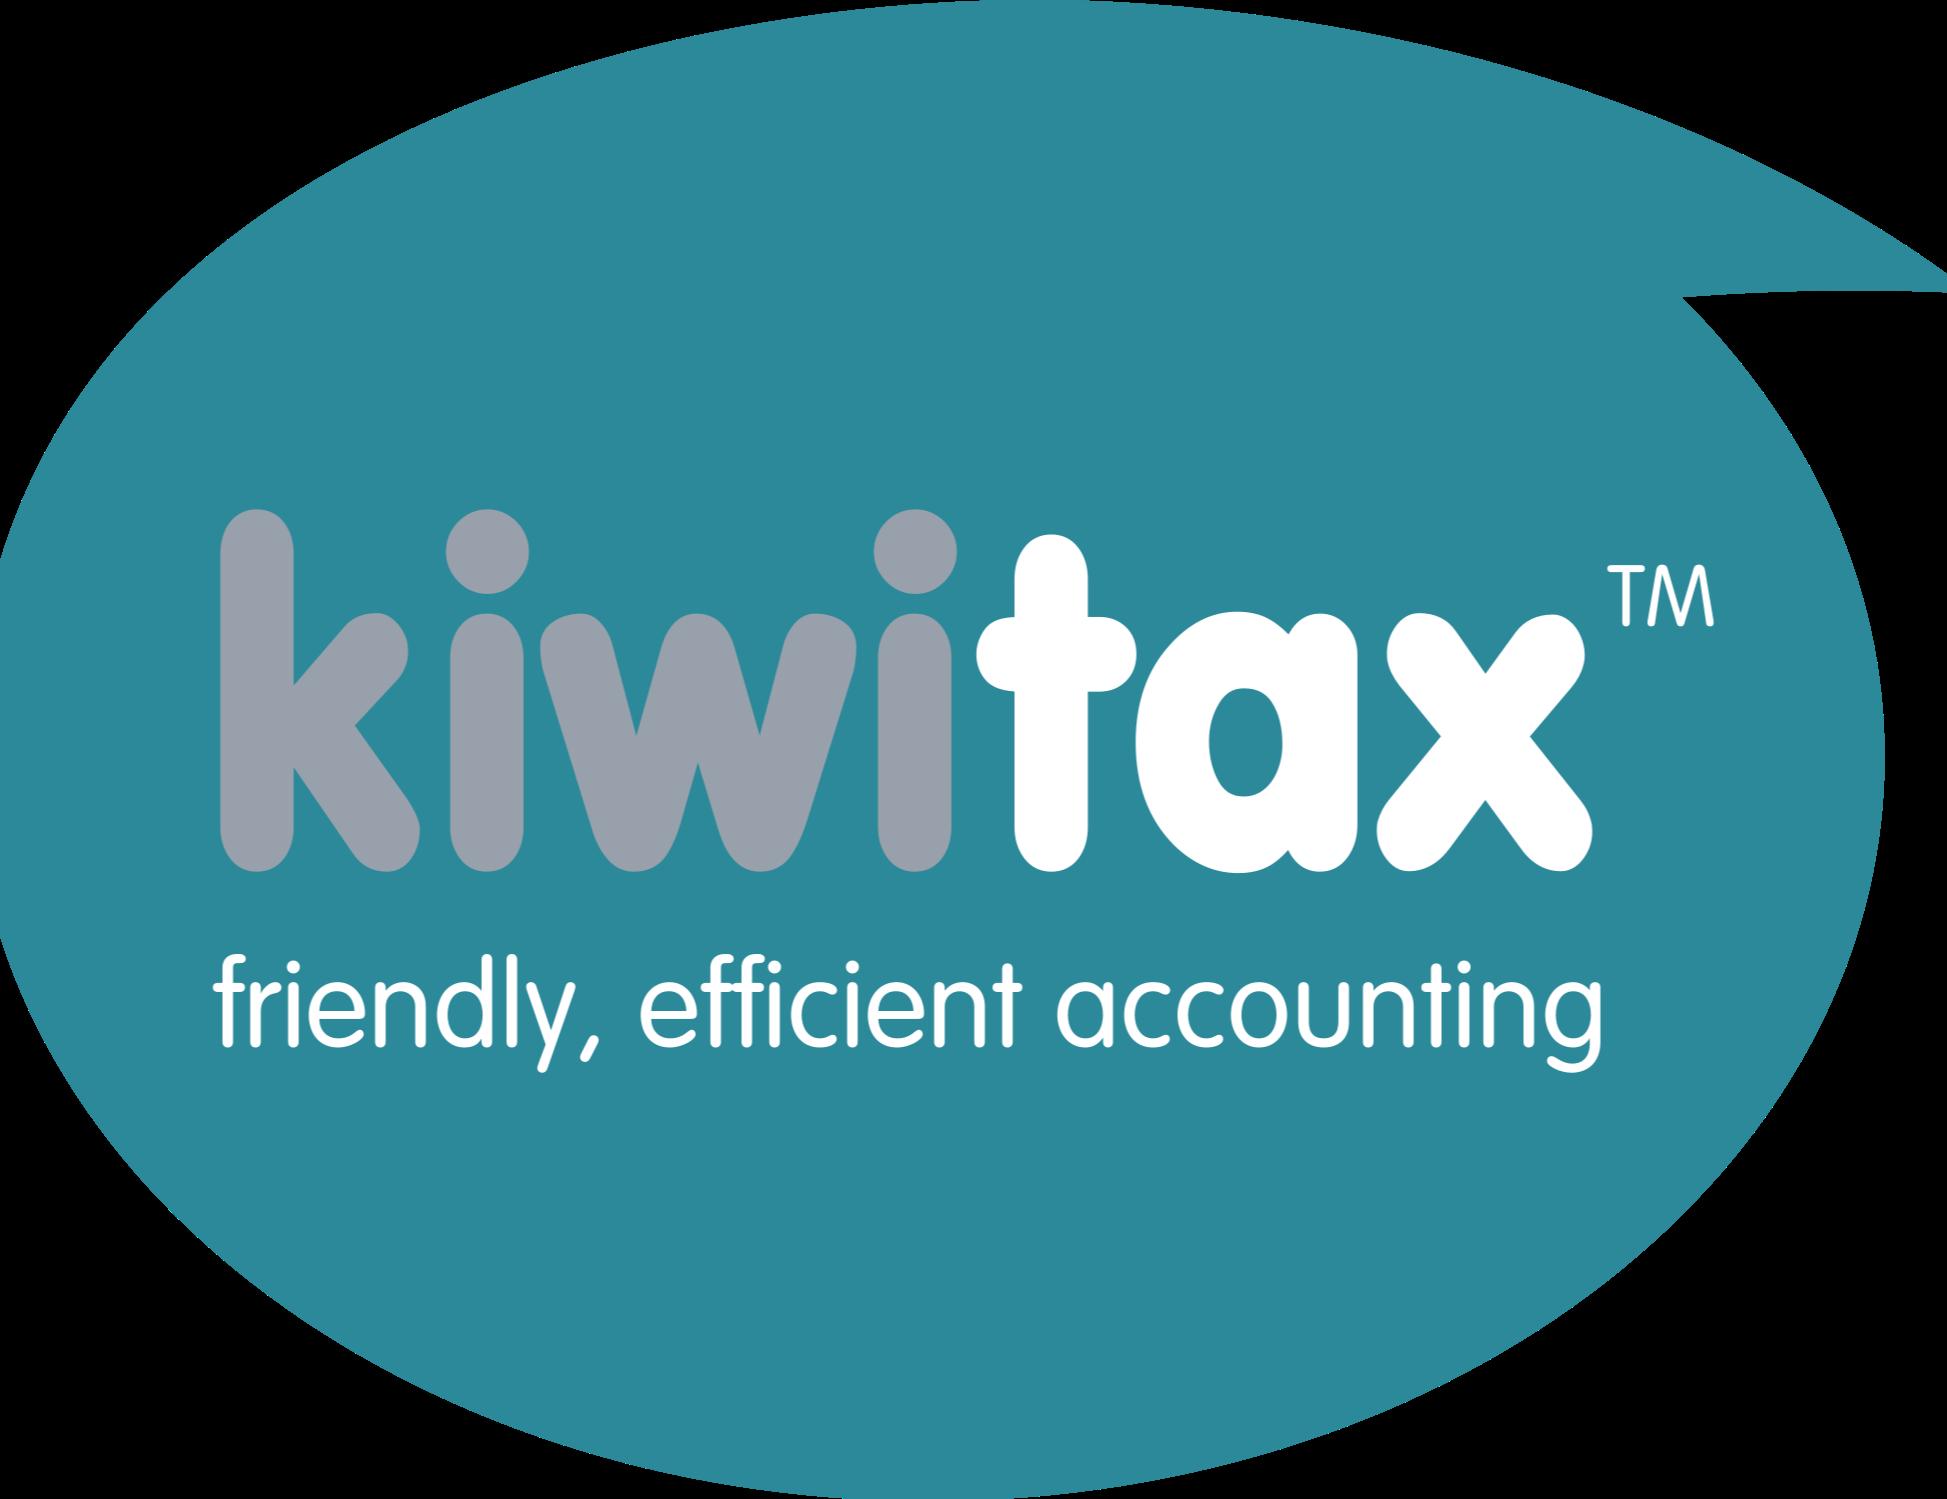 Kiwitax